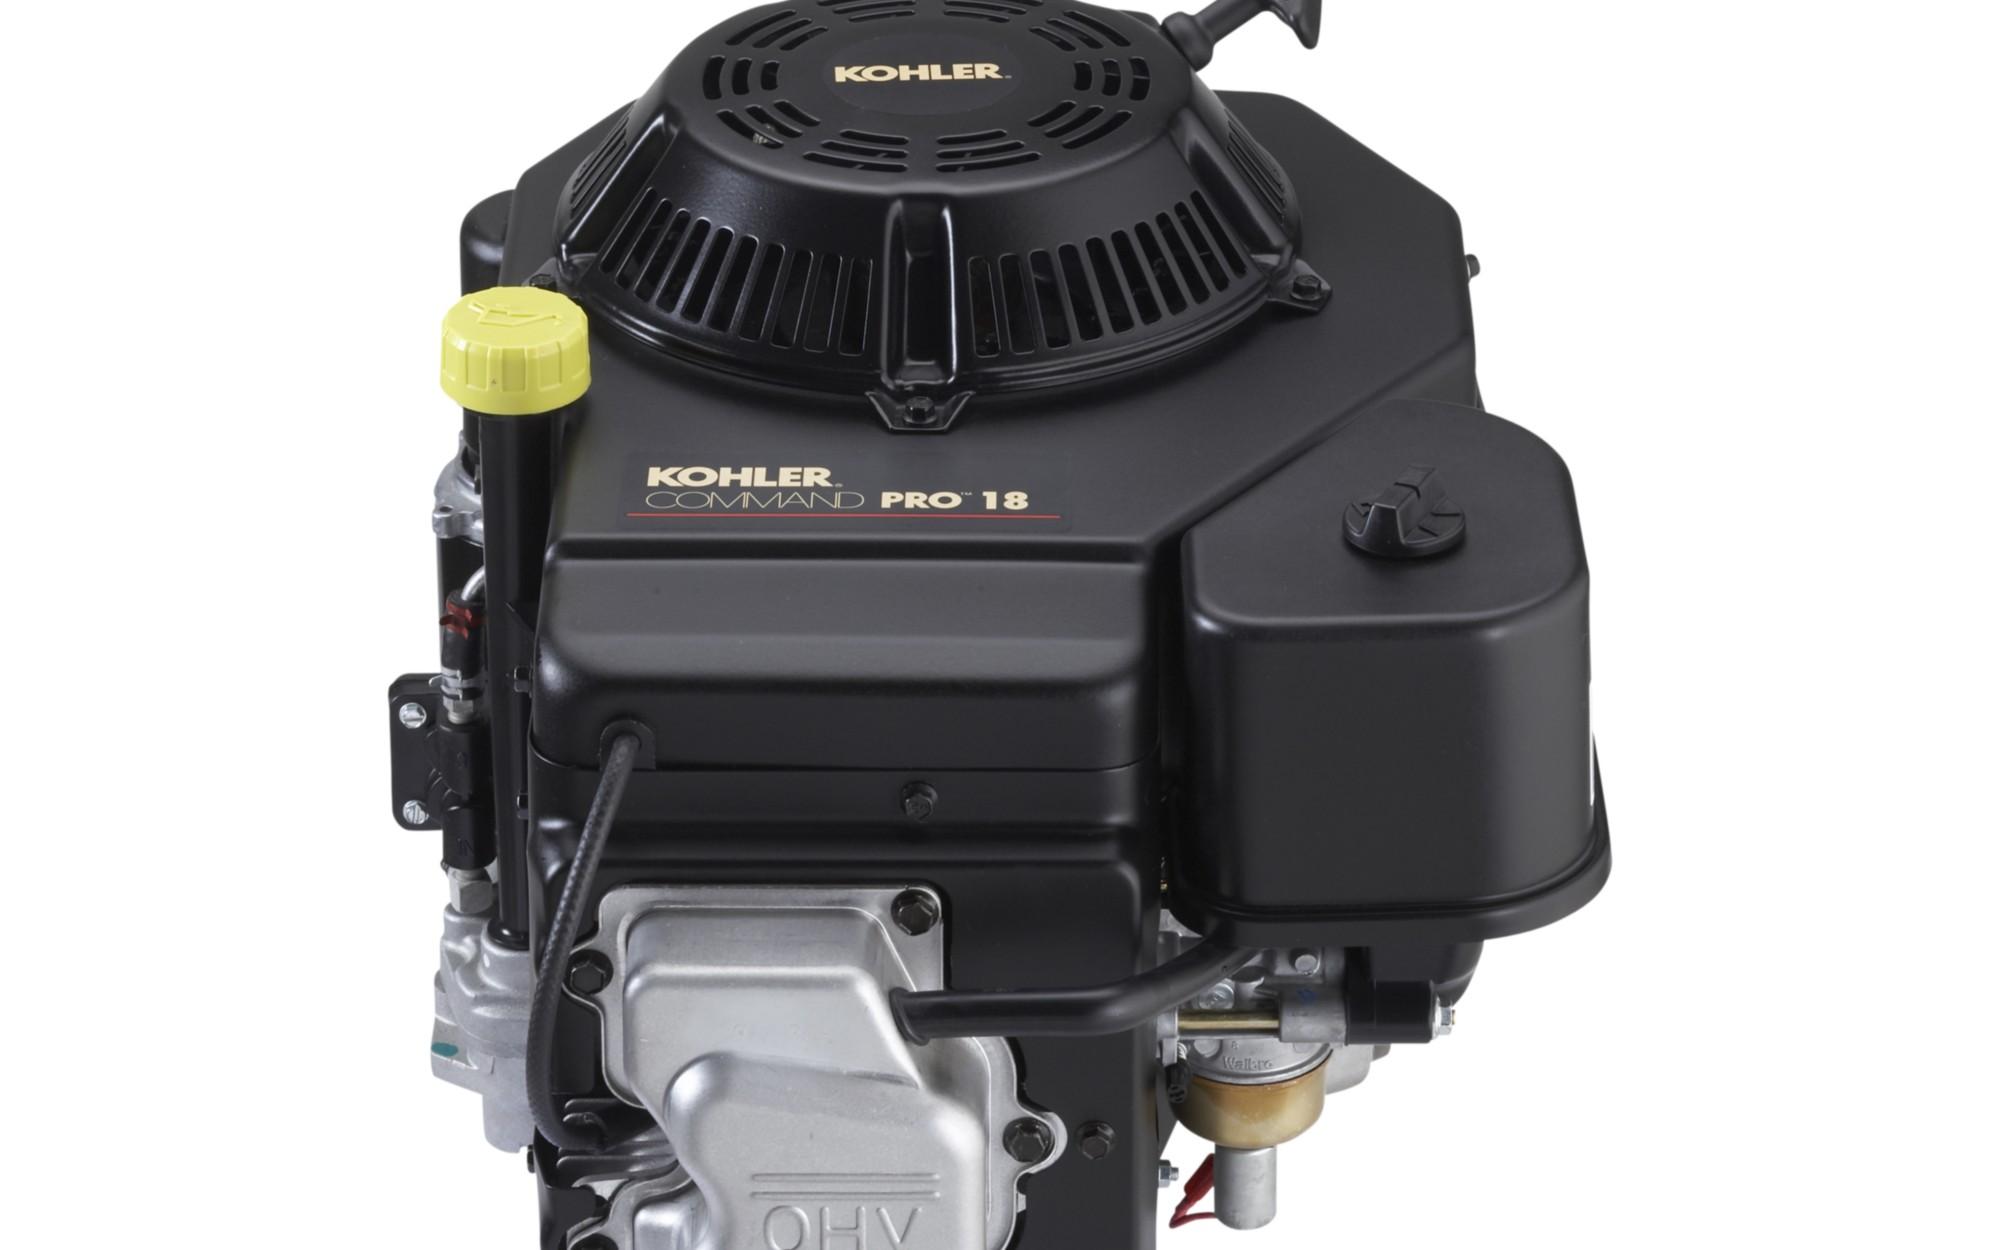 Cv493 Command Pro Kohler 18 Hp Engine Diagram